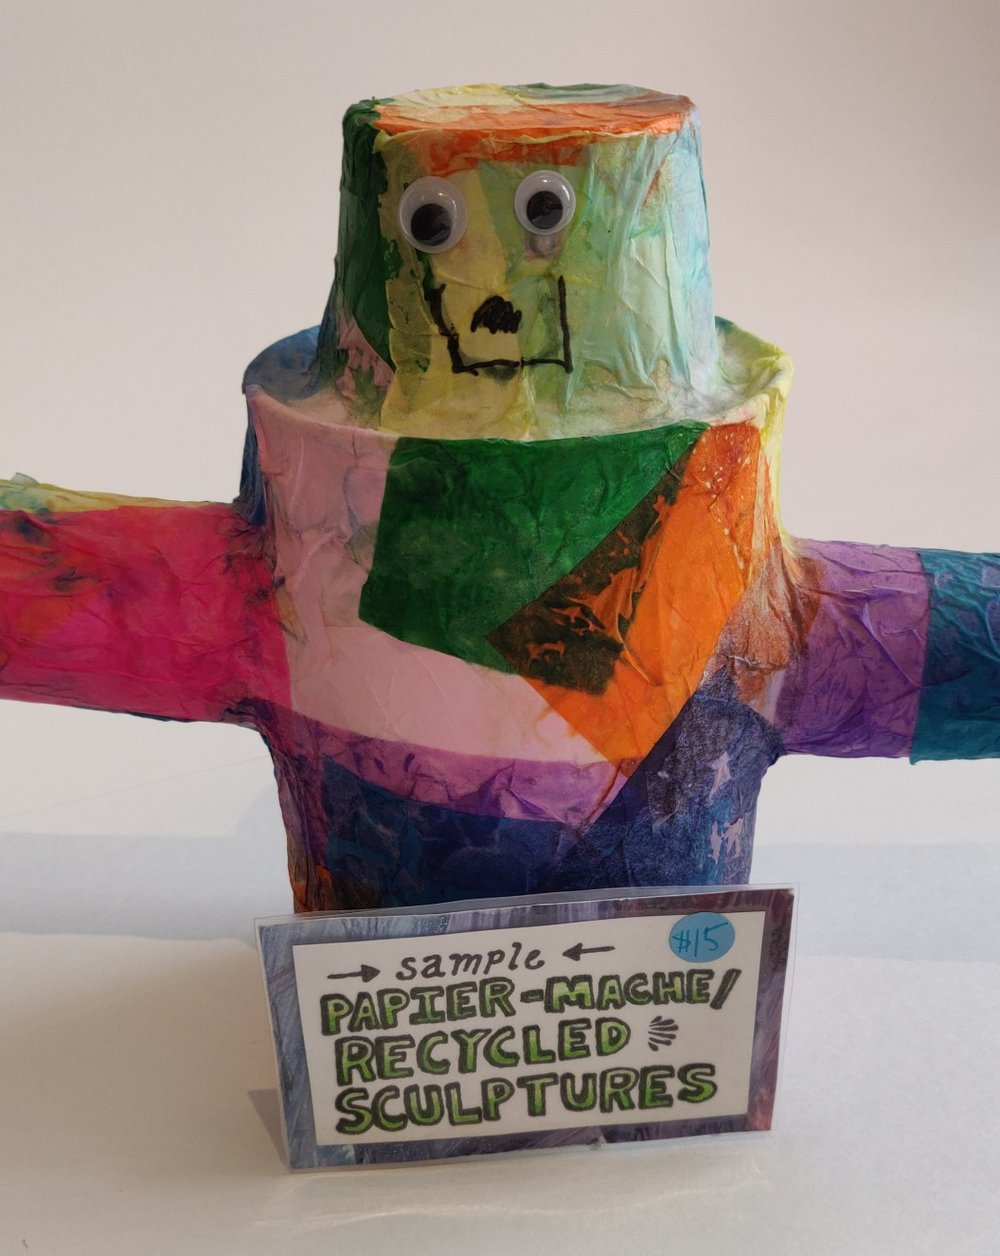 Papier Mache Sculptures